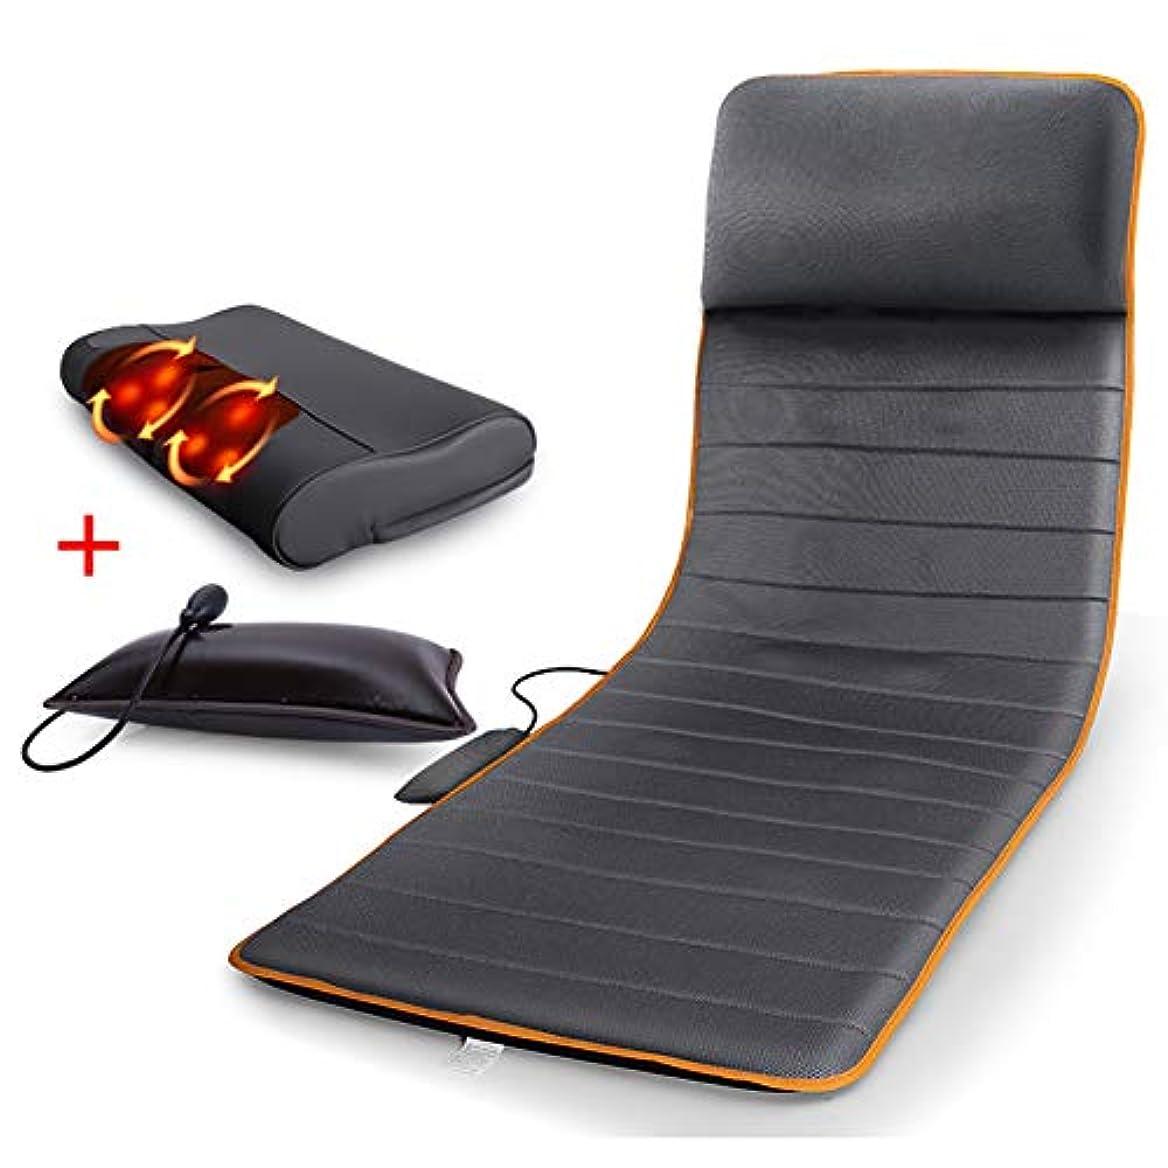 肯定的感嘆の中で多機能ボディ電気毛布ベッドマッサージシートクッション - 熱で背中のマッサージャー、フルバックの痛みを軽減、ホームオフィスの椅子のためのマッサージチェアパッド